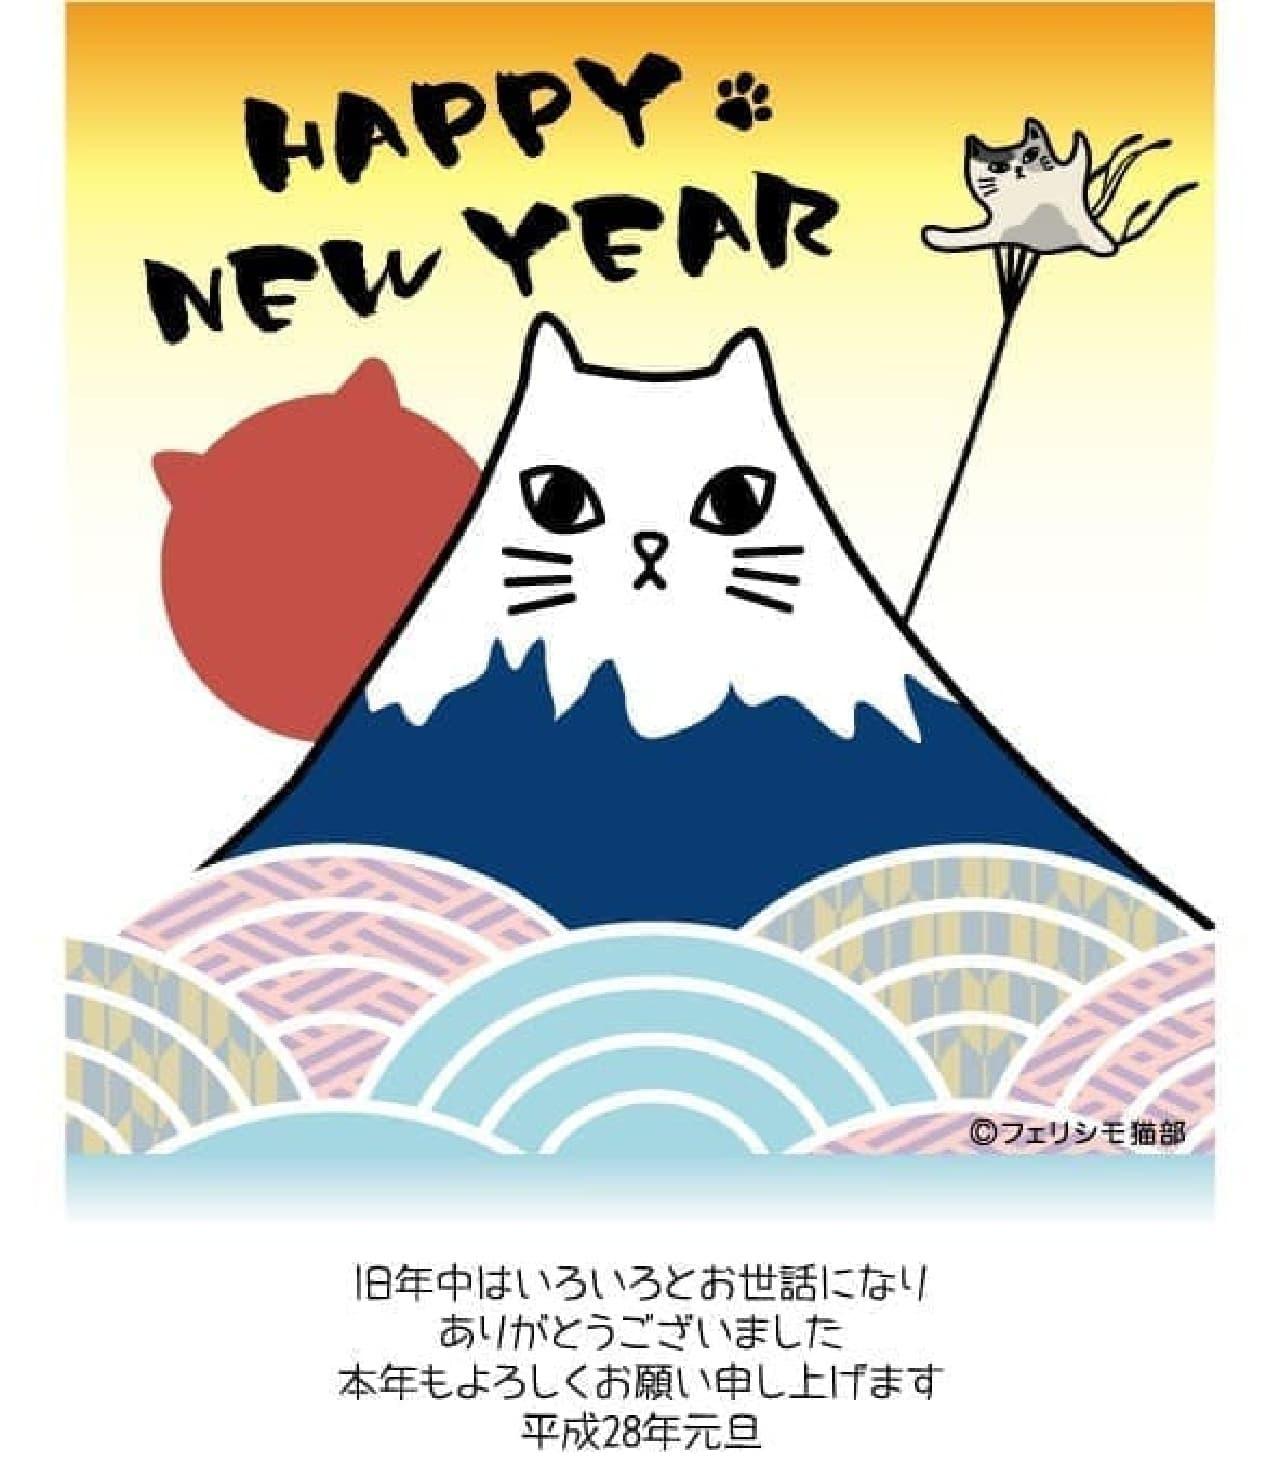 ツンデレにゃんが富士山になった「ご来光はめでたいにゃ!」  2016年が良い年でありますように!